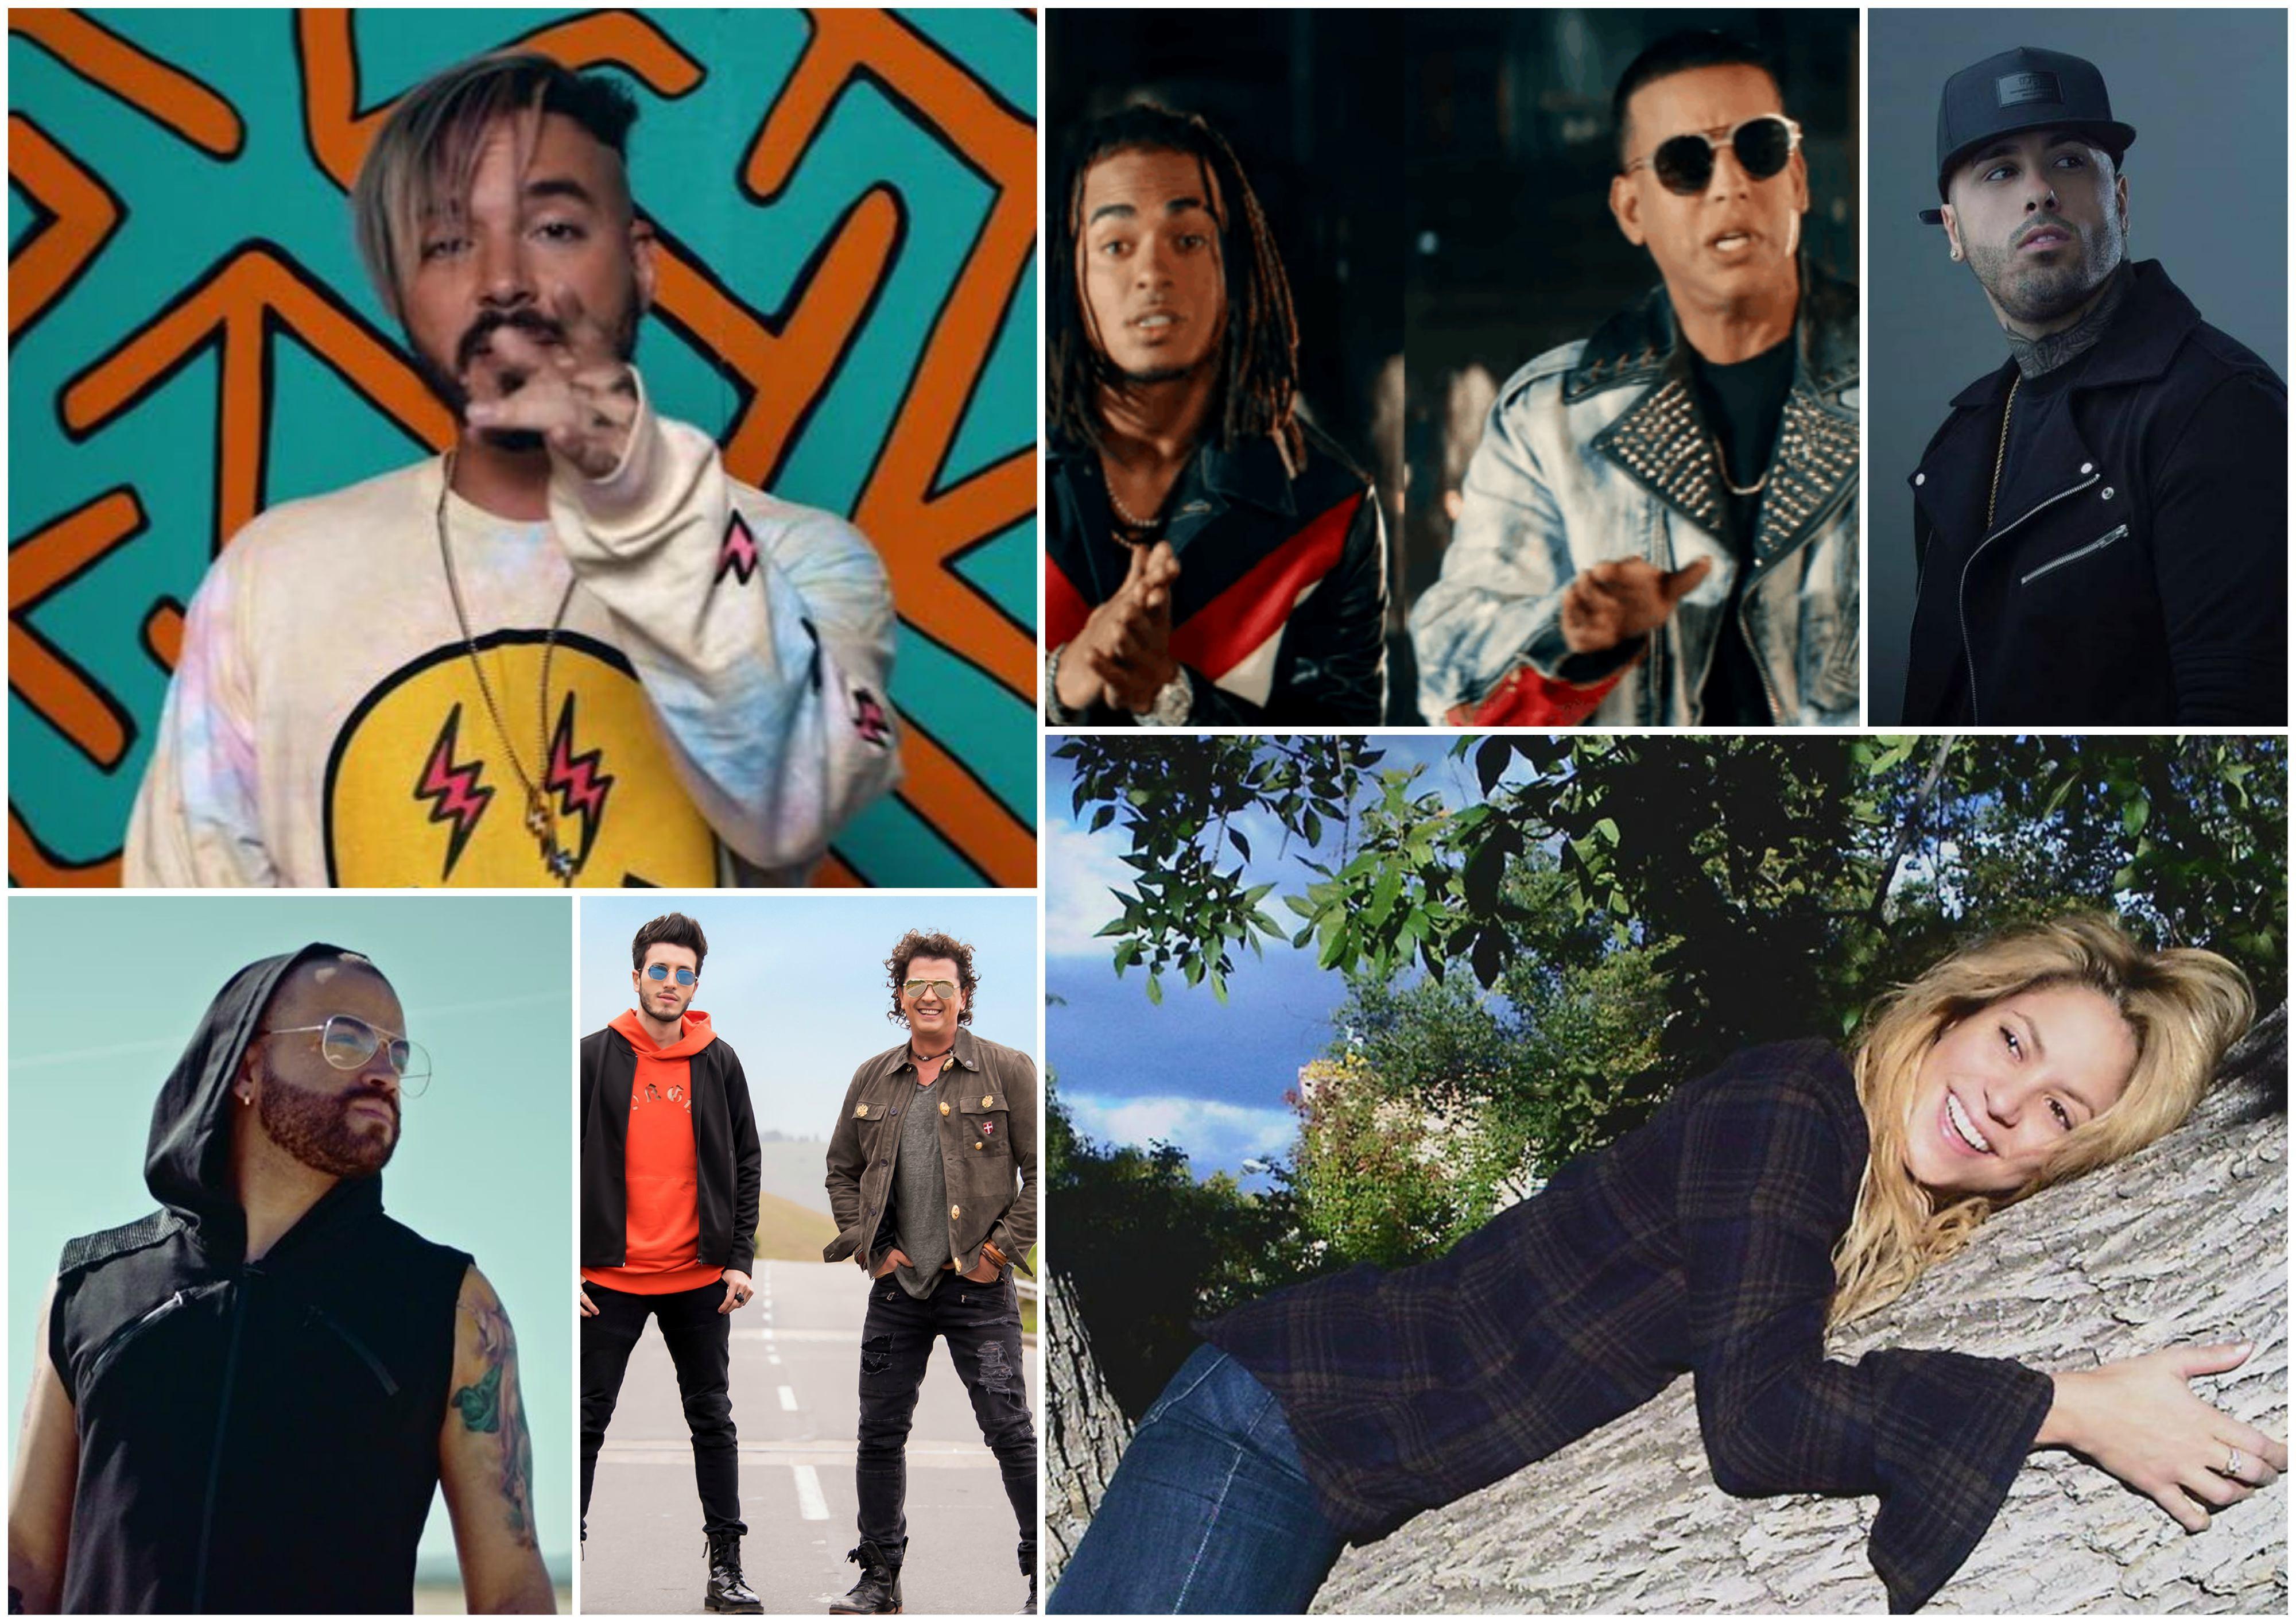 Artistas do reggaeton se destacam nas paradas mundiais aps o boom de 'Despacito' (Foto: Divulgao)